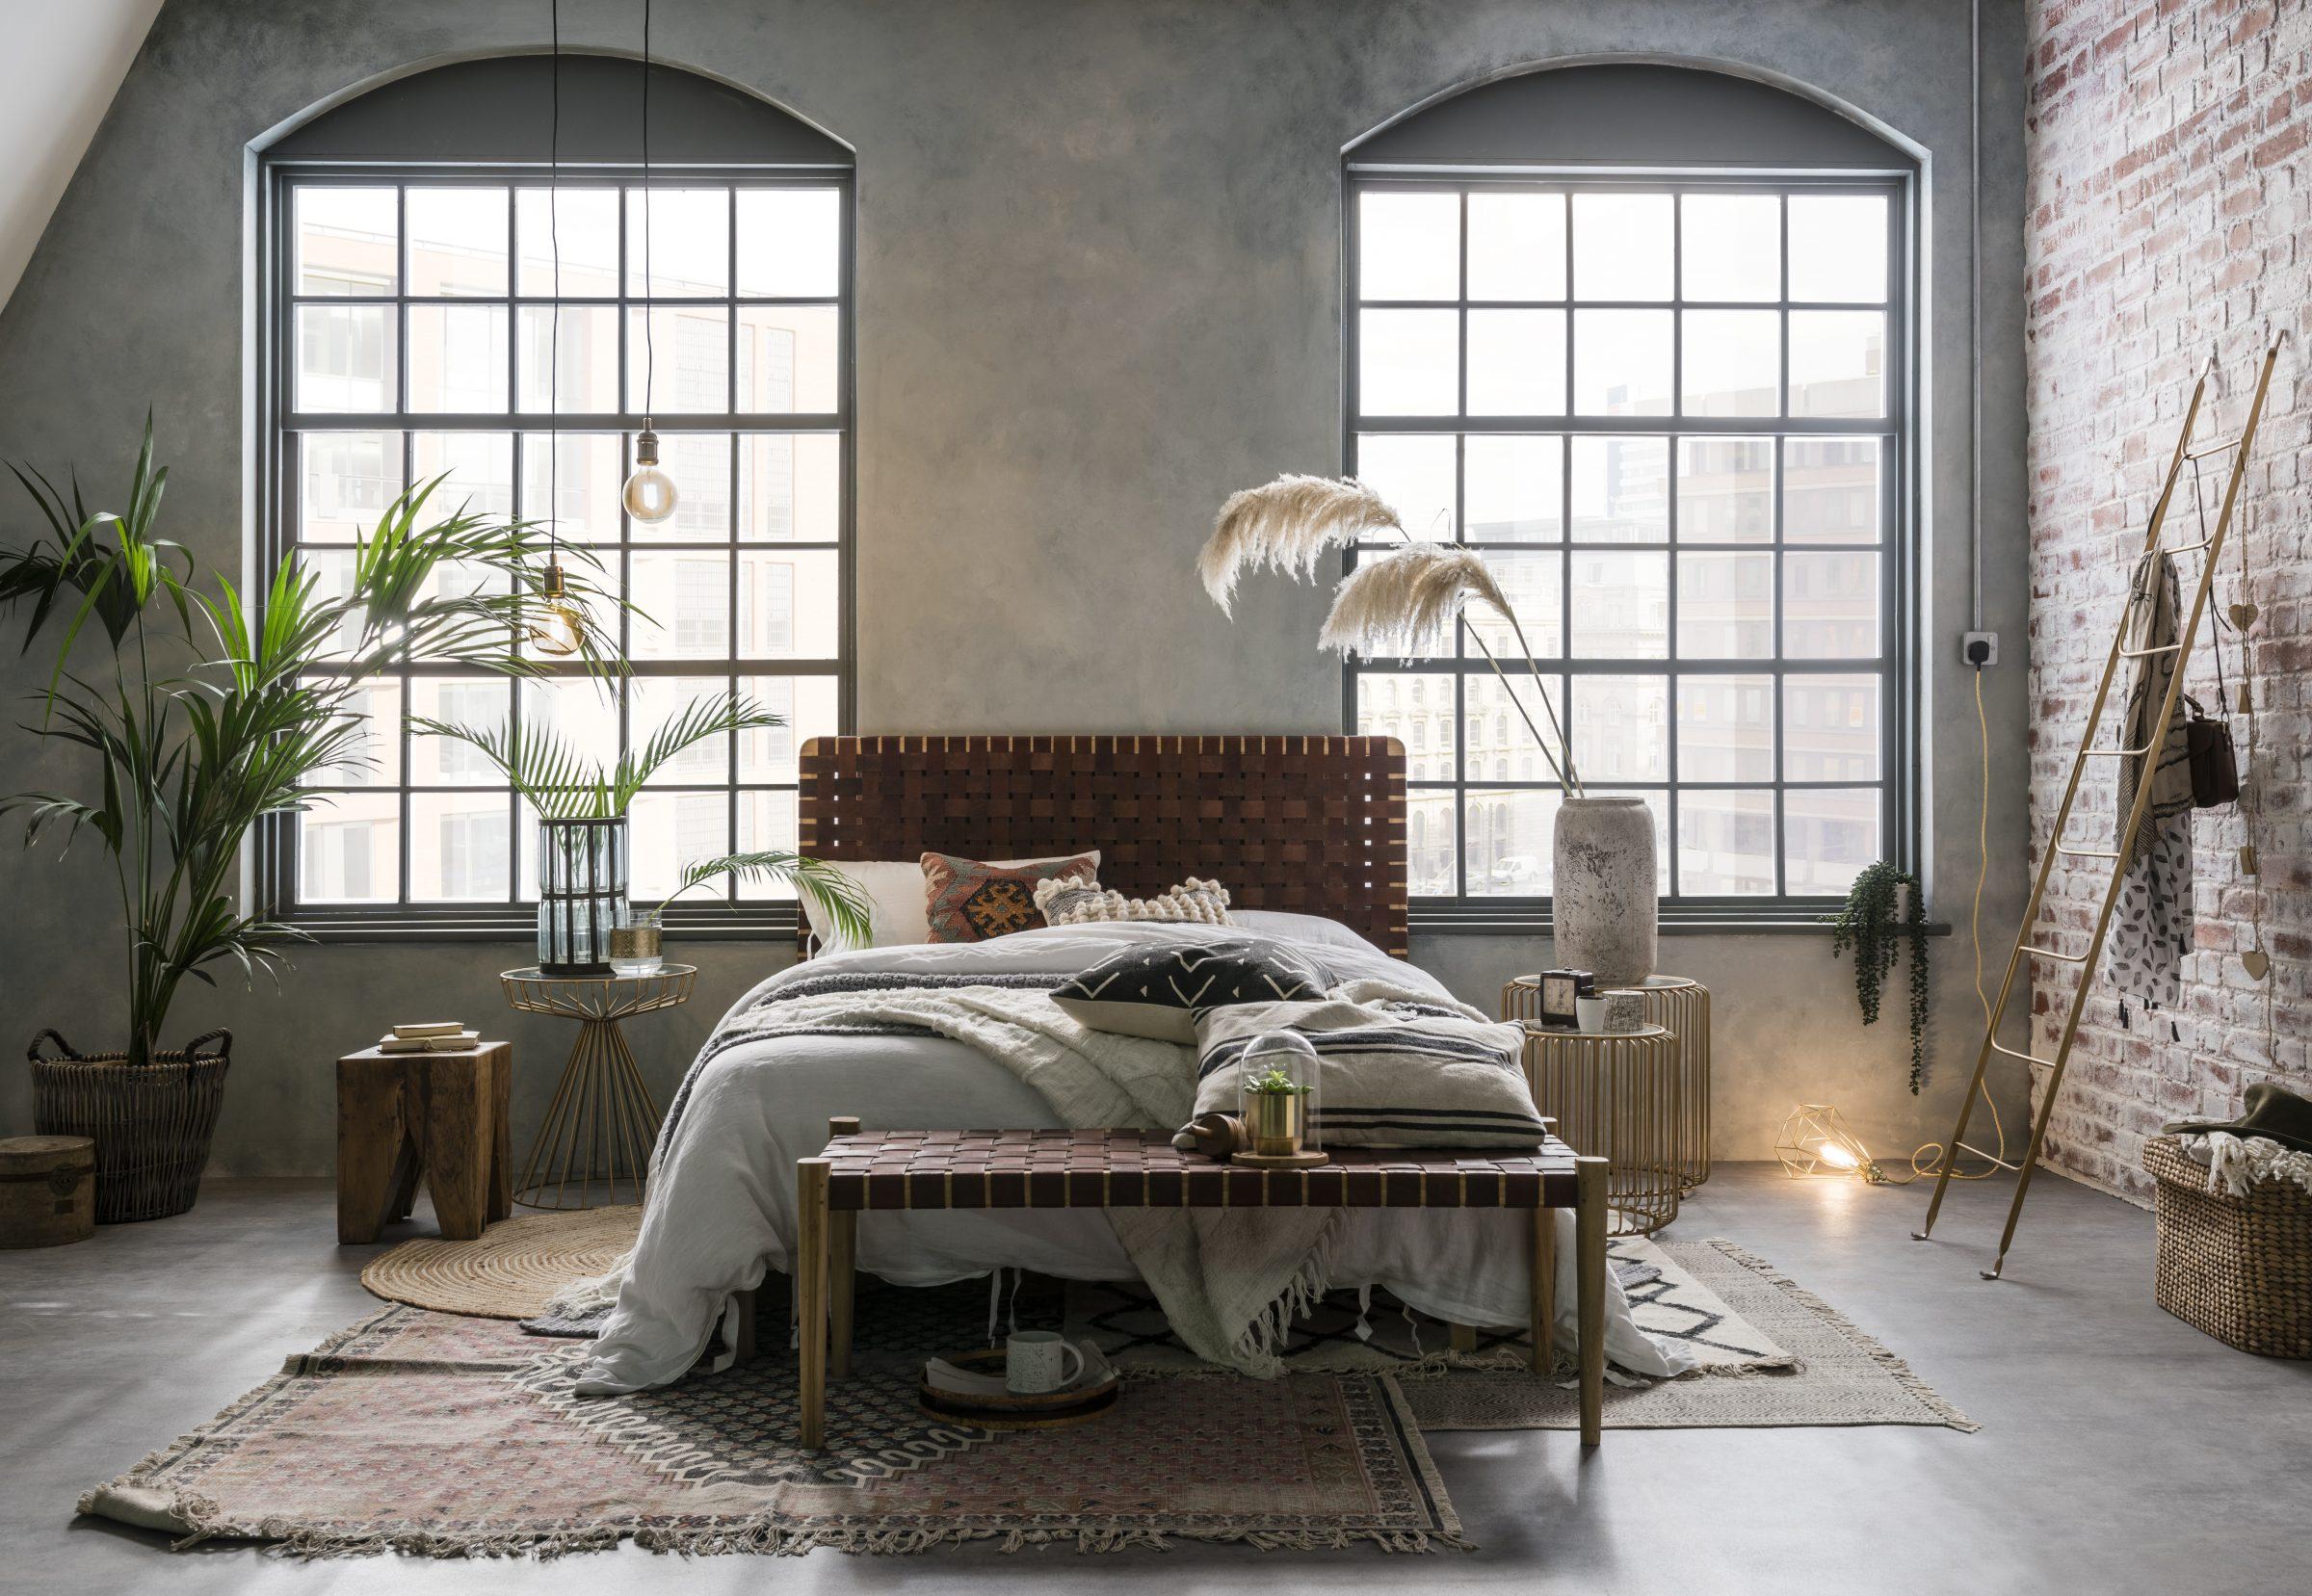 Bluebone-bedroom-james-erskine.jpg